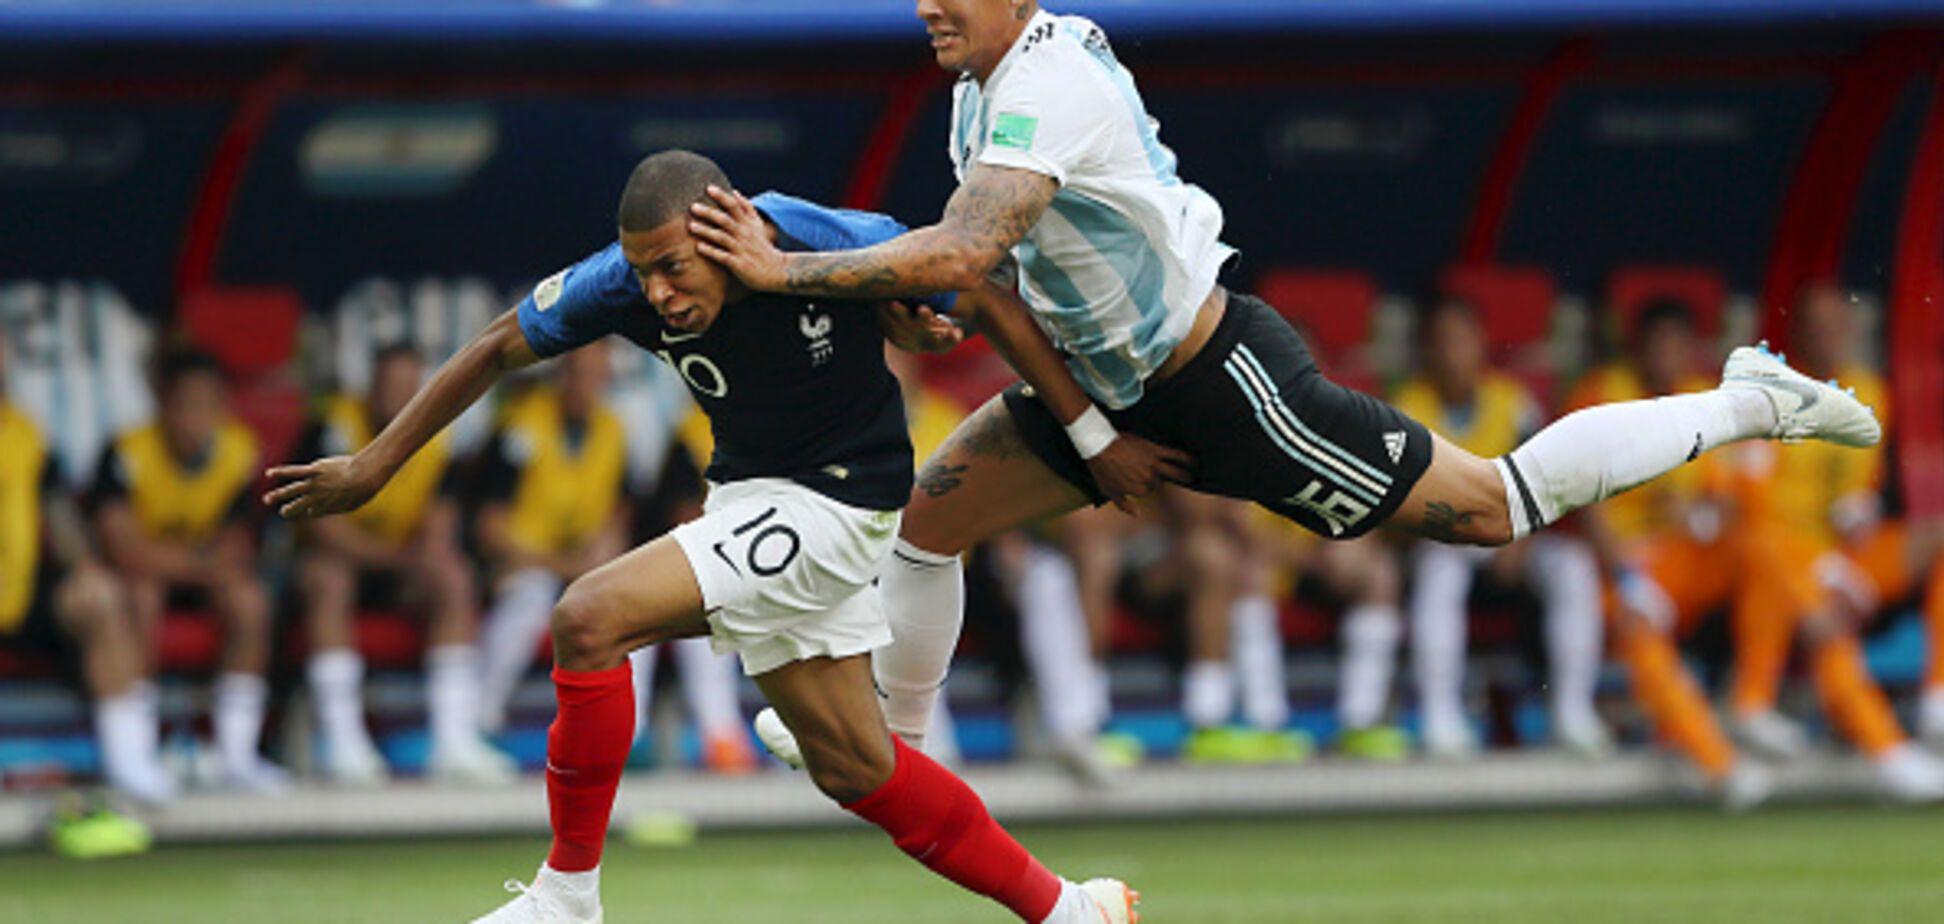 Франція і Аргентина забили сім голів у неймовірному матчі ЧС-2018